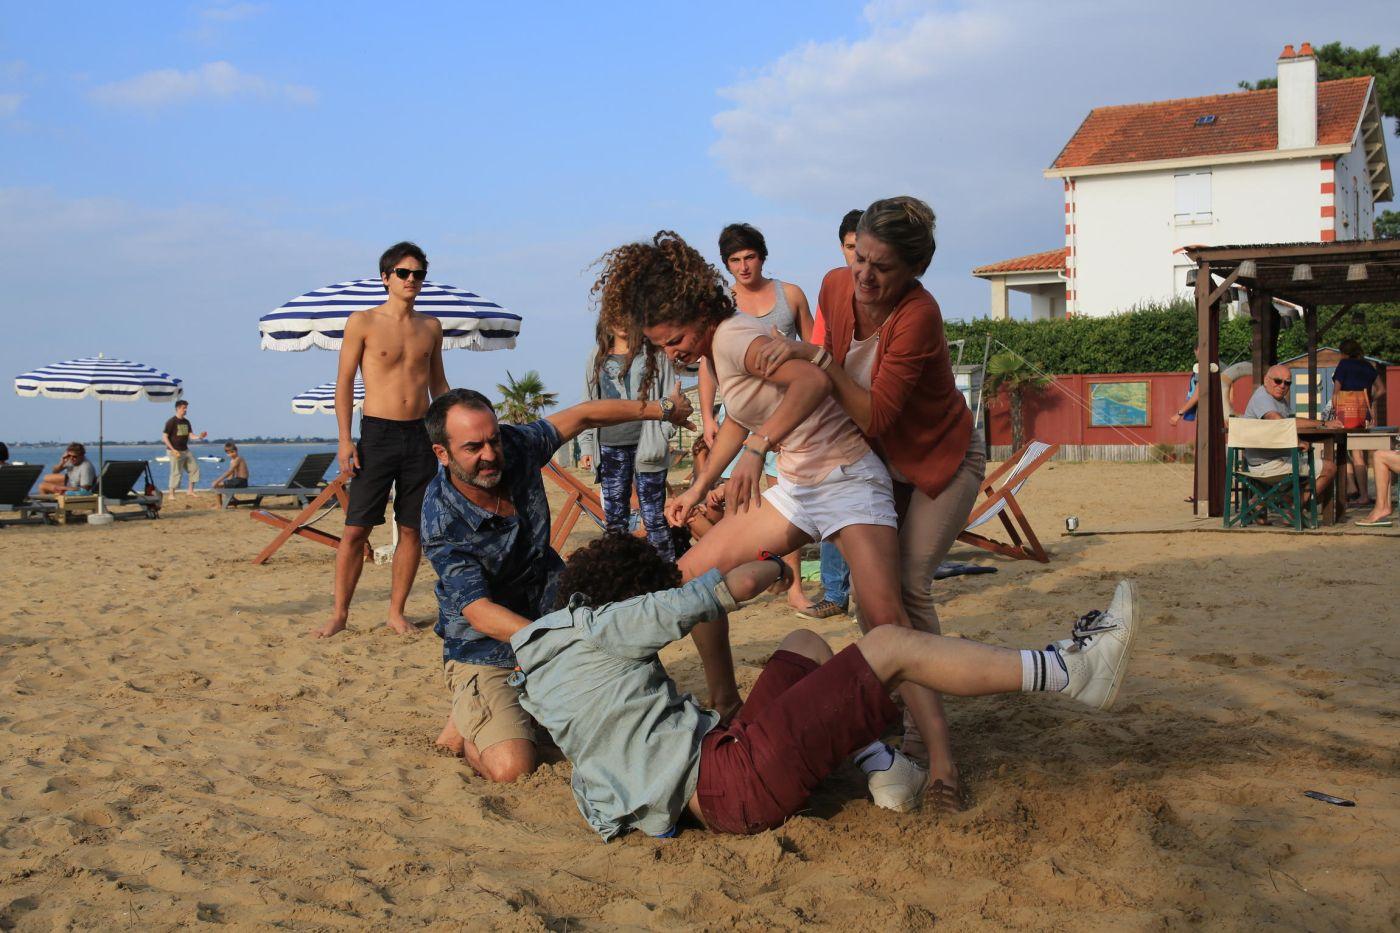 sex en francais sexe a la plage